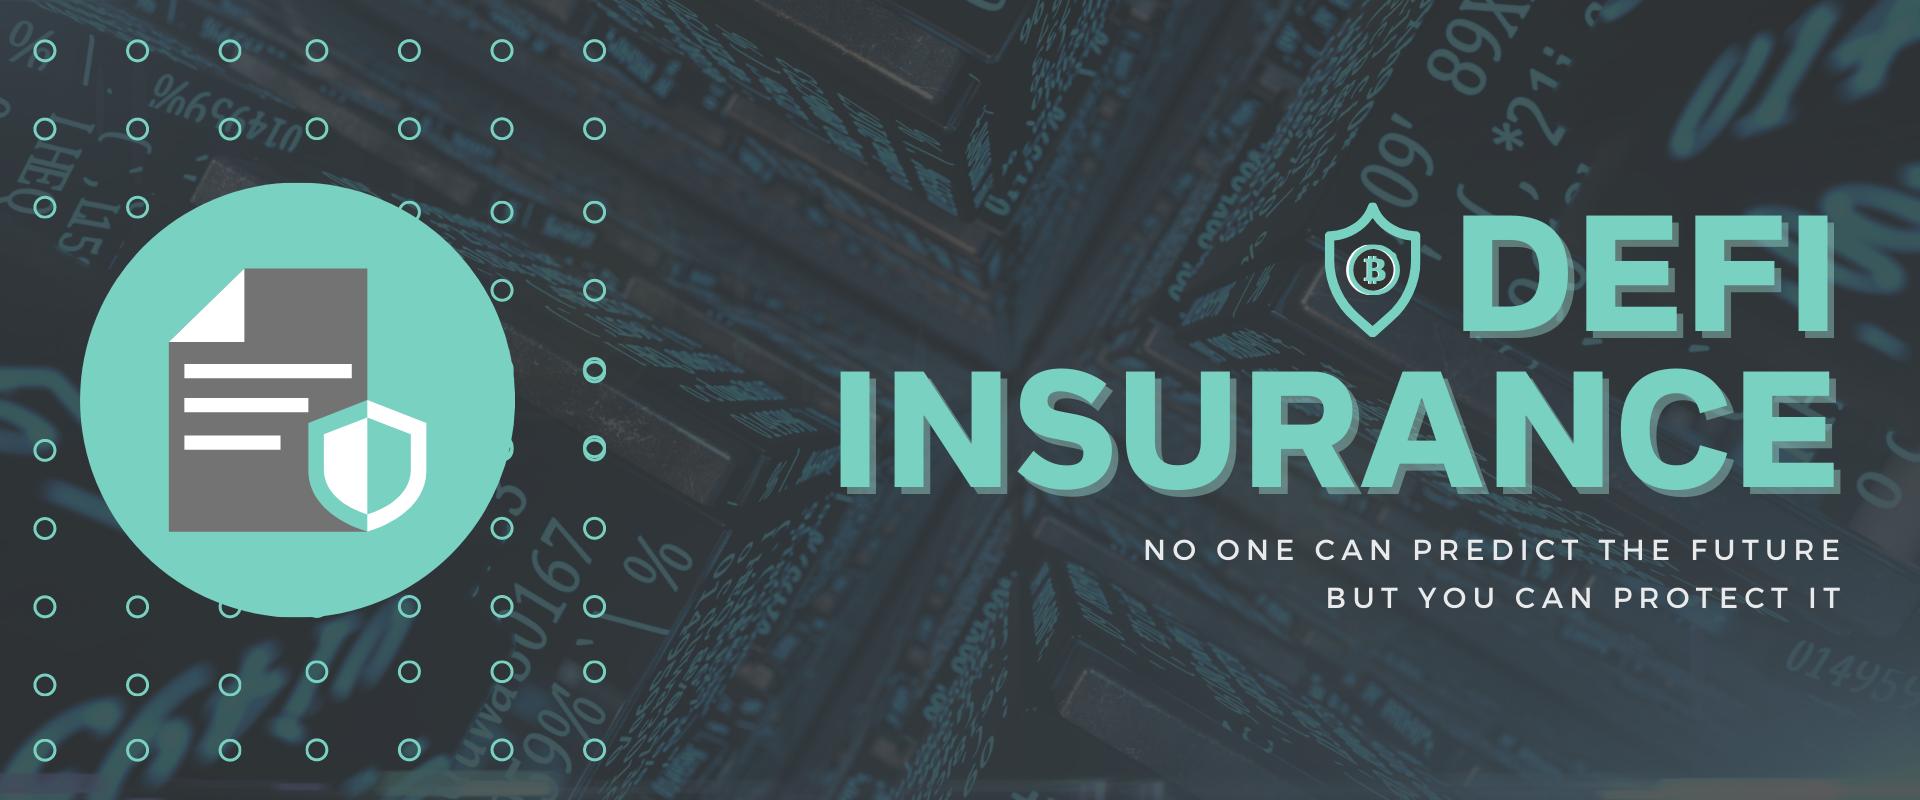 DeFi Insurance.png